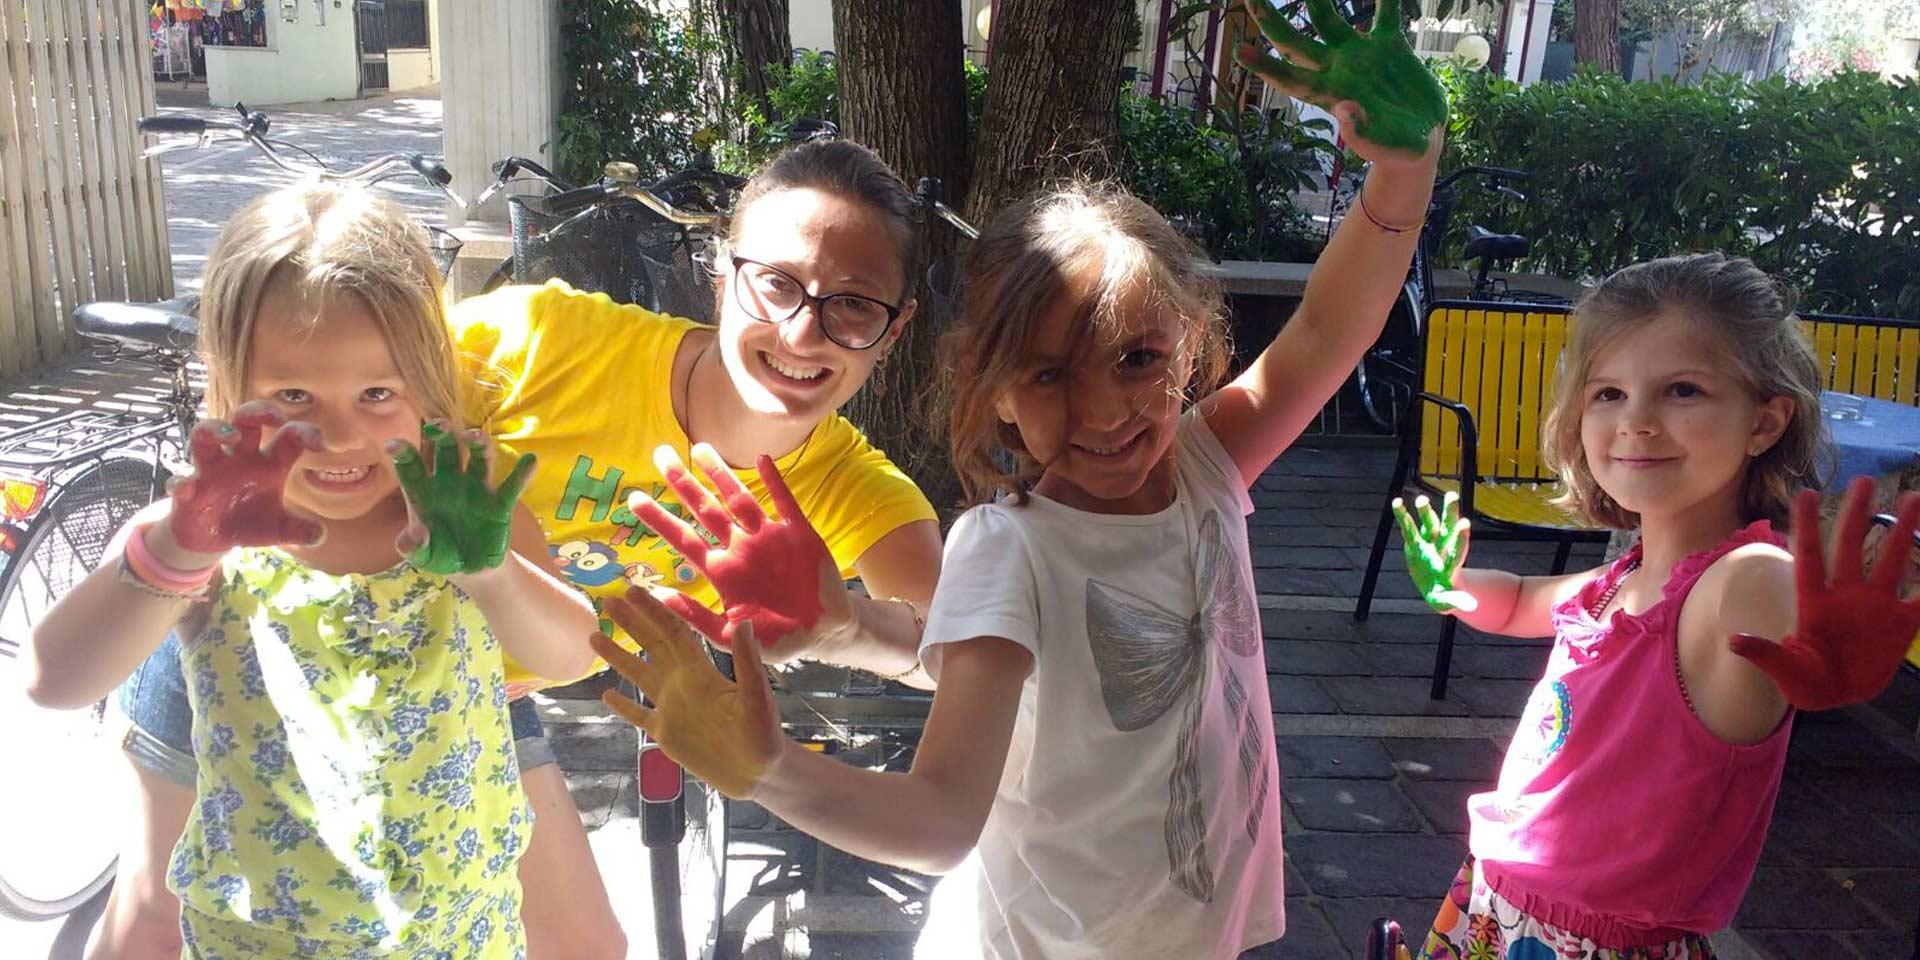 Divertimento<span>Una vacanza ricca di emozioni per i nostri piccoli ospiti</span>